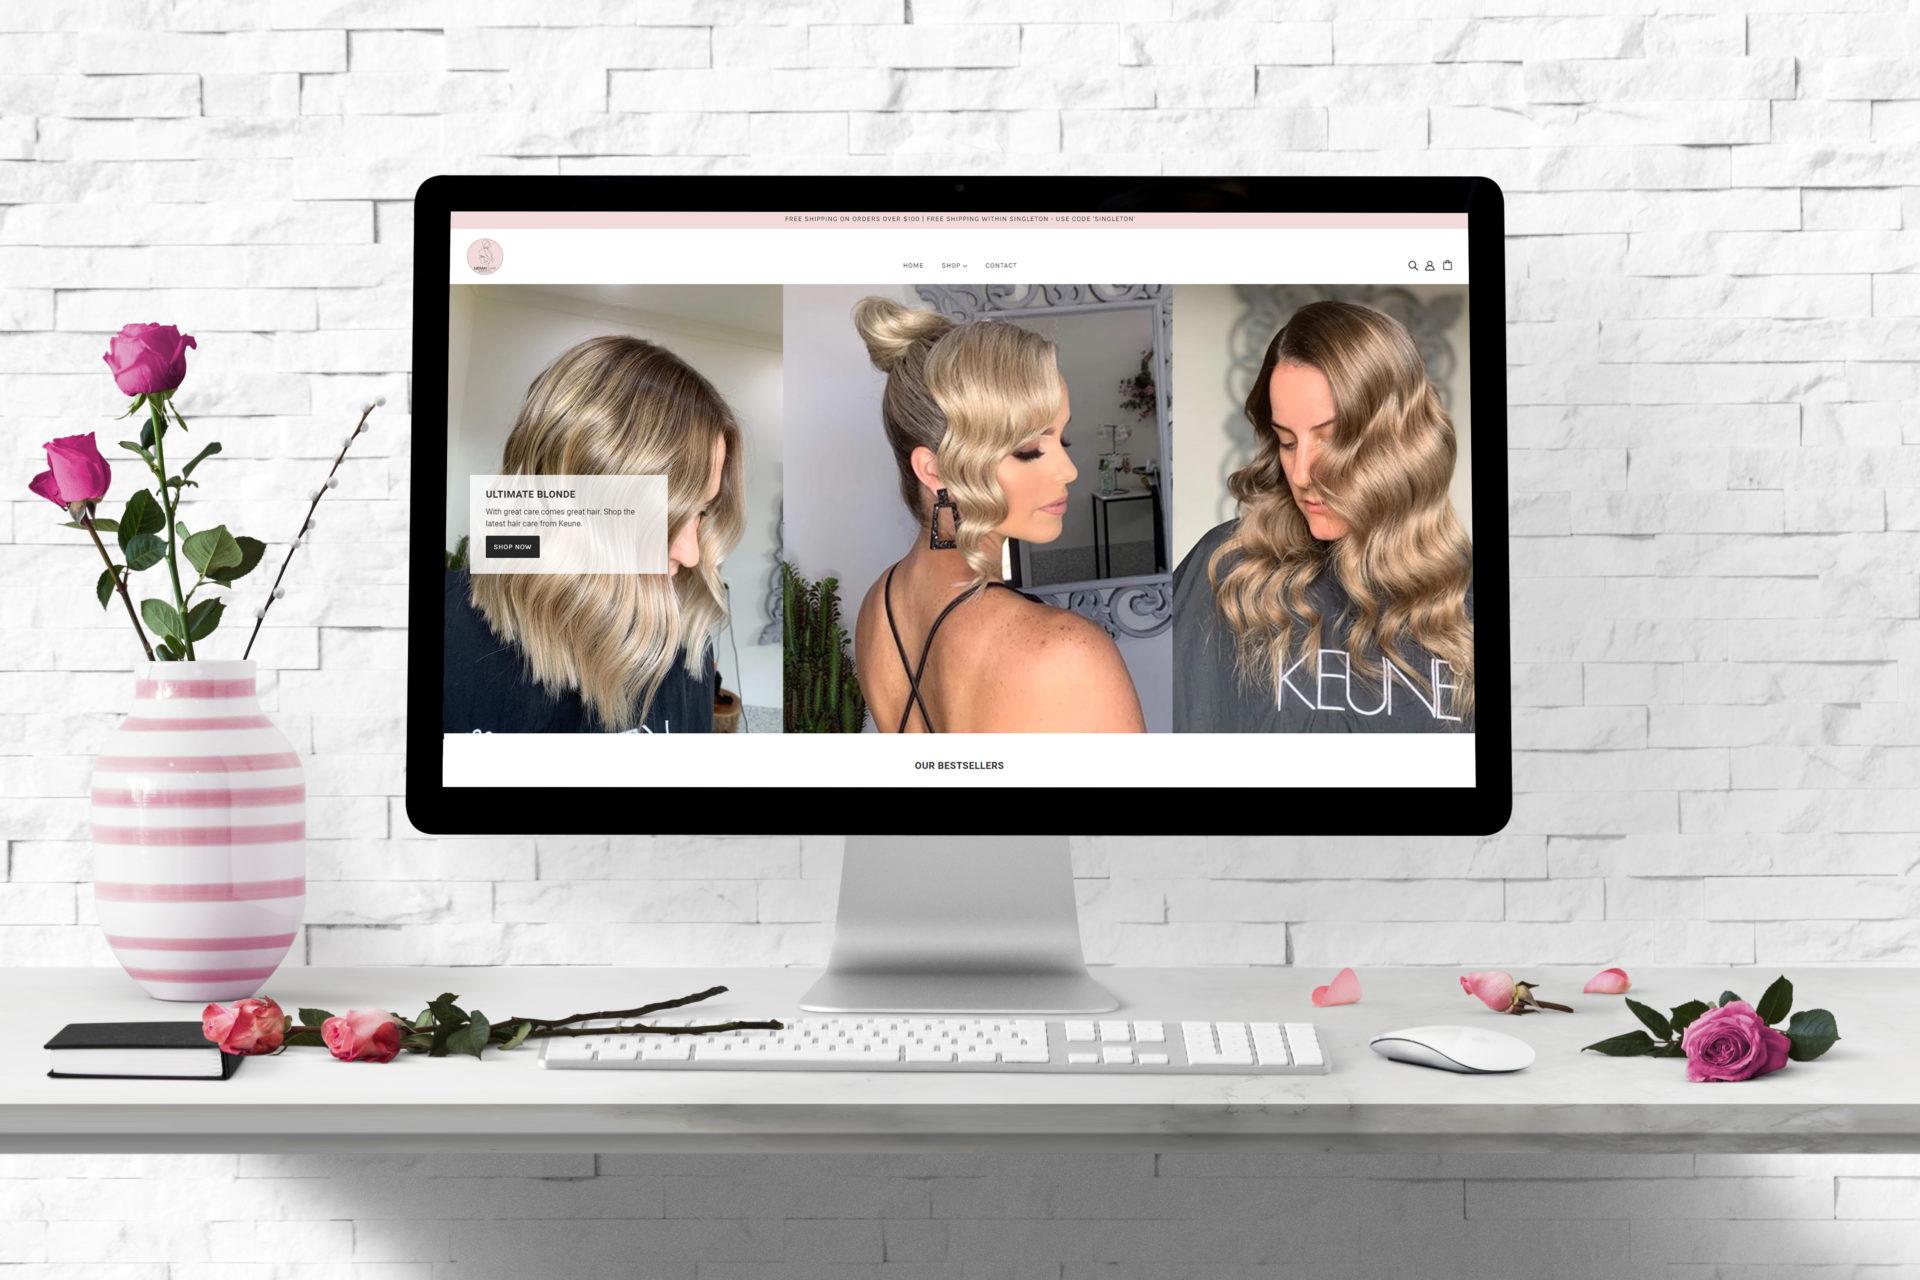 Website-Design-Meraki-Hair-Artists-by-Annie-Think-Goat-NSW-Hunter-Valley